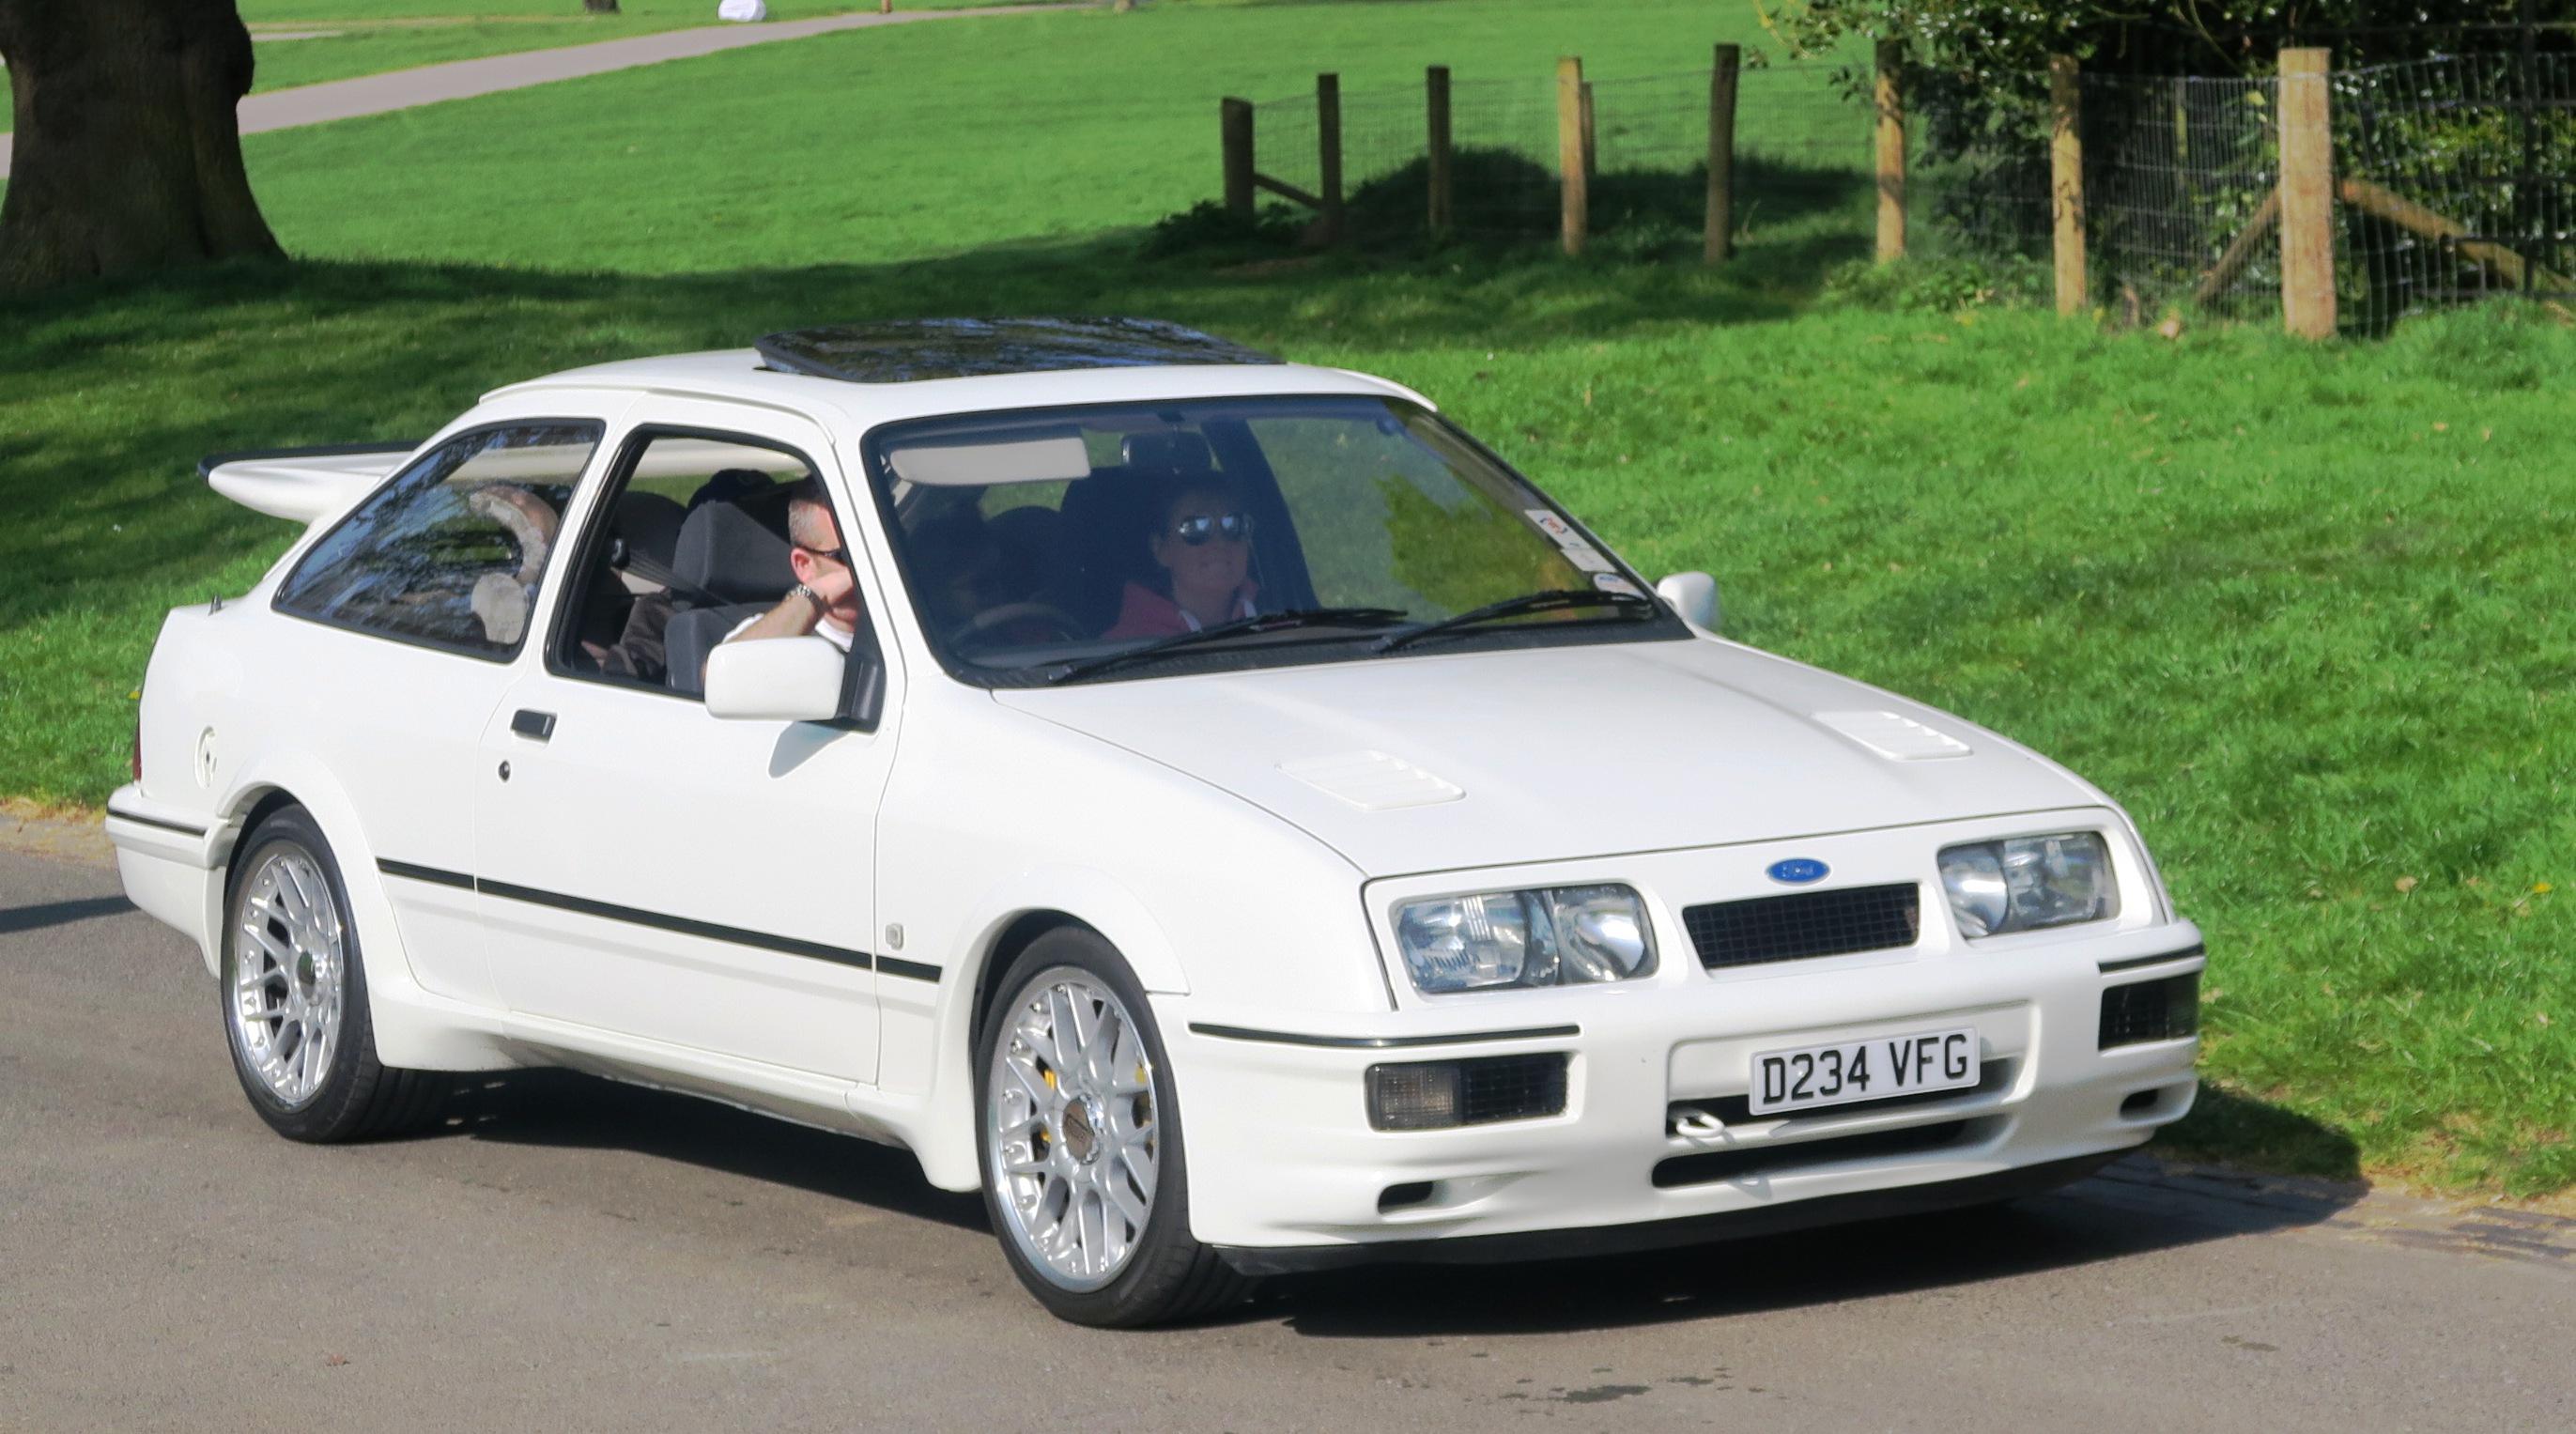 Ford_Sierra_1993cc_registered_November_1